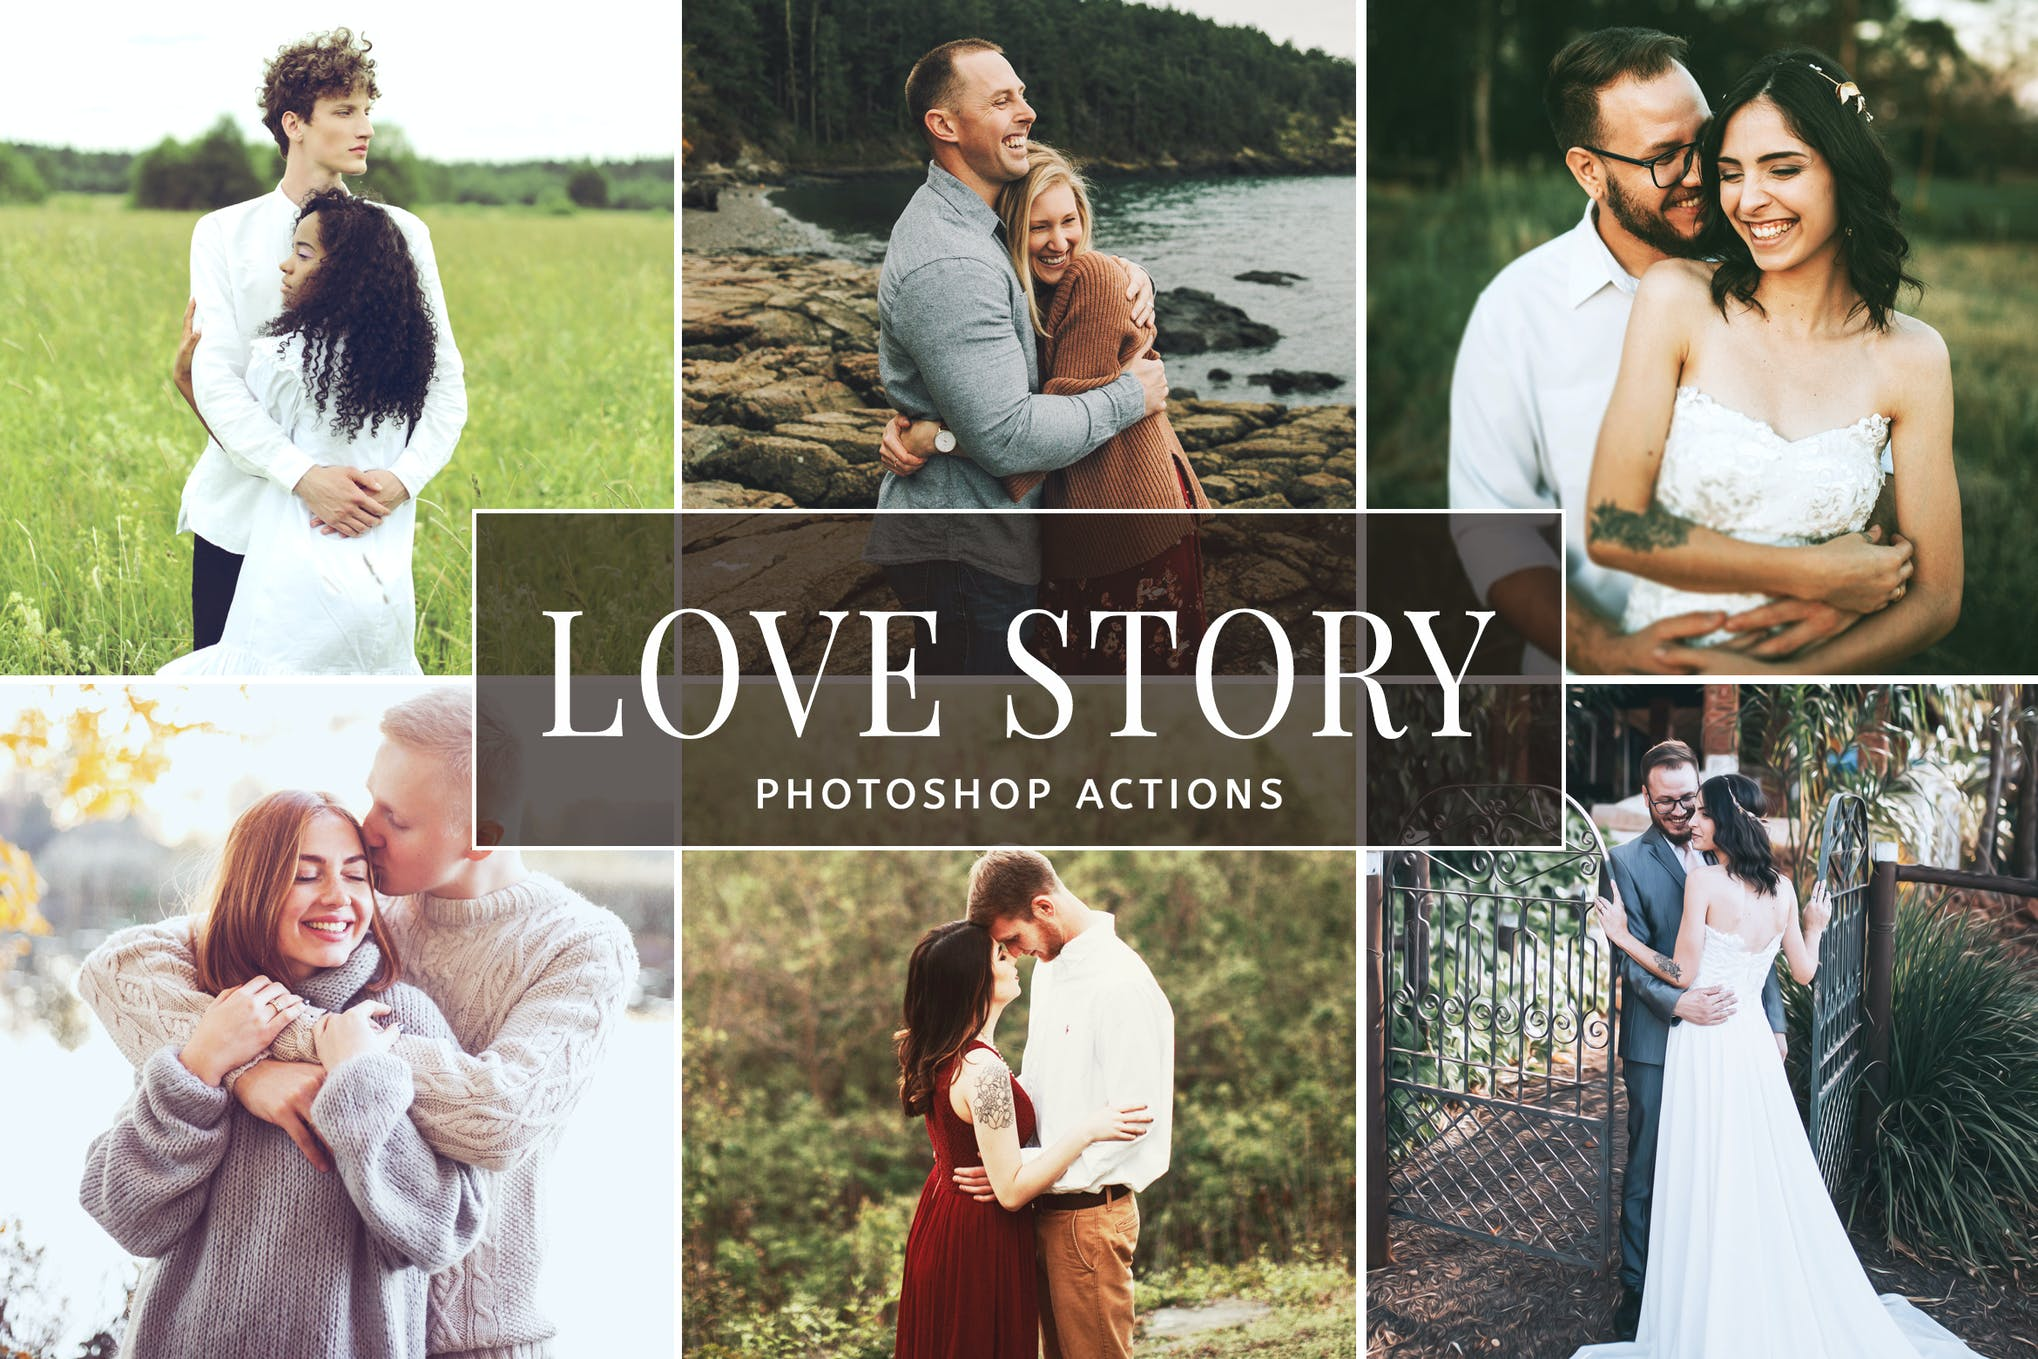 wedding photoshop actions